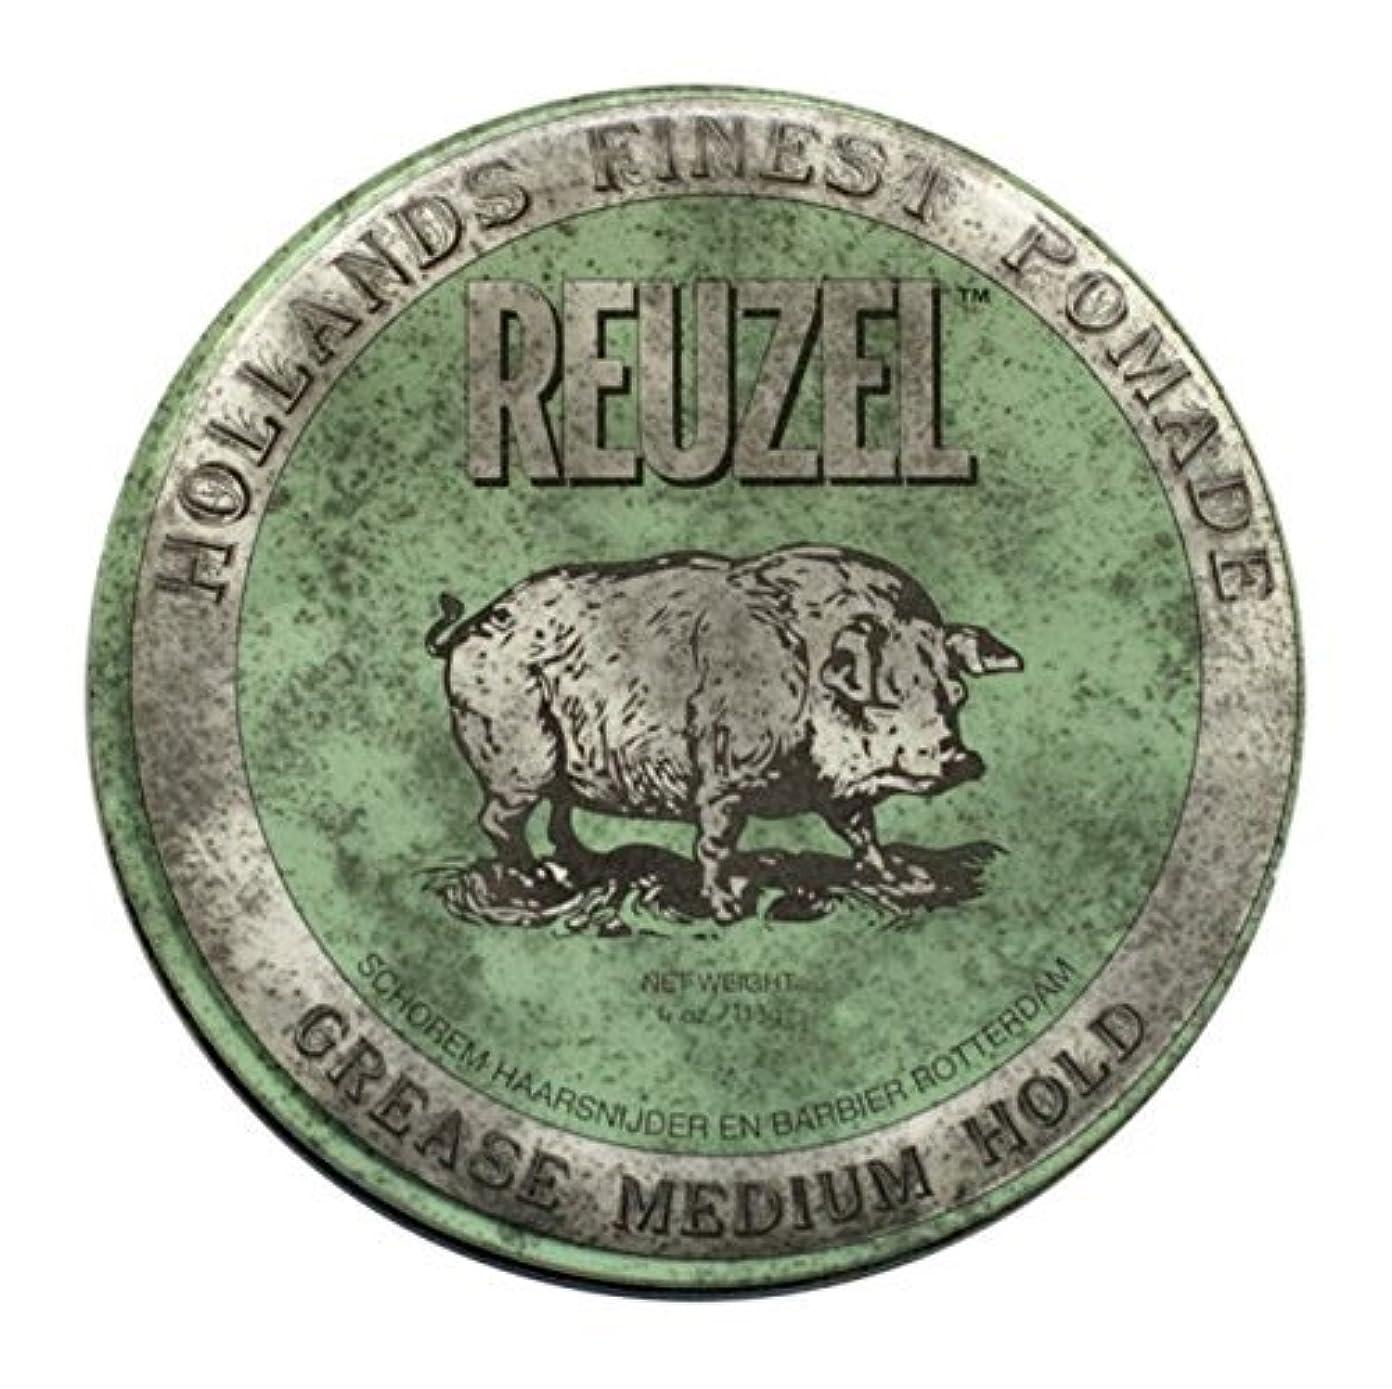 警告するモスク効果的REUZEL Grease Hold Hair Styling Pomade Piglet Wax/Gel, Medium, Green, 1.3 oz, 35g [並行輸入品]